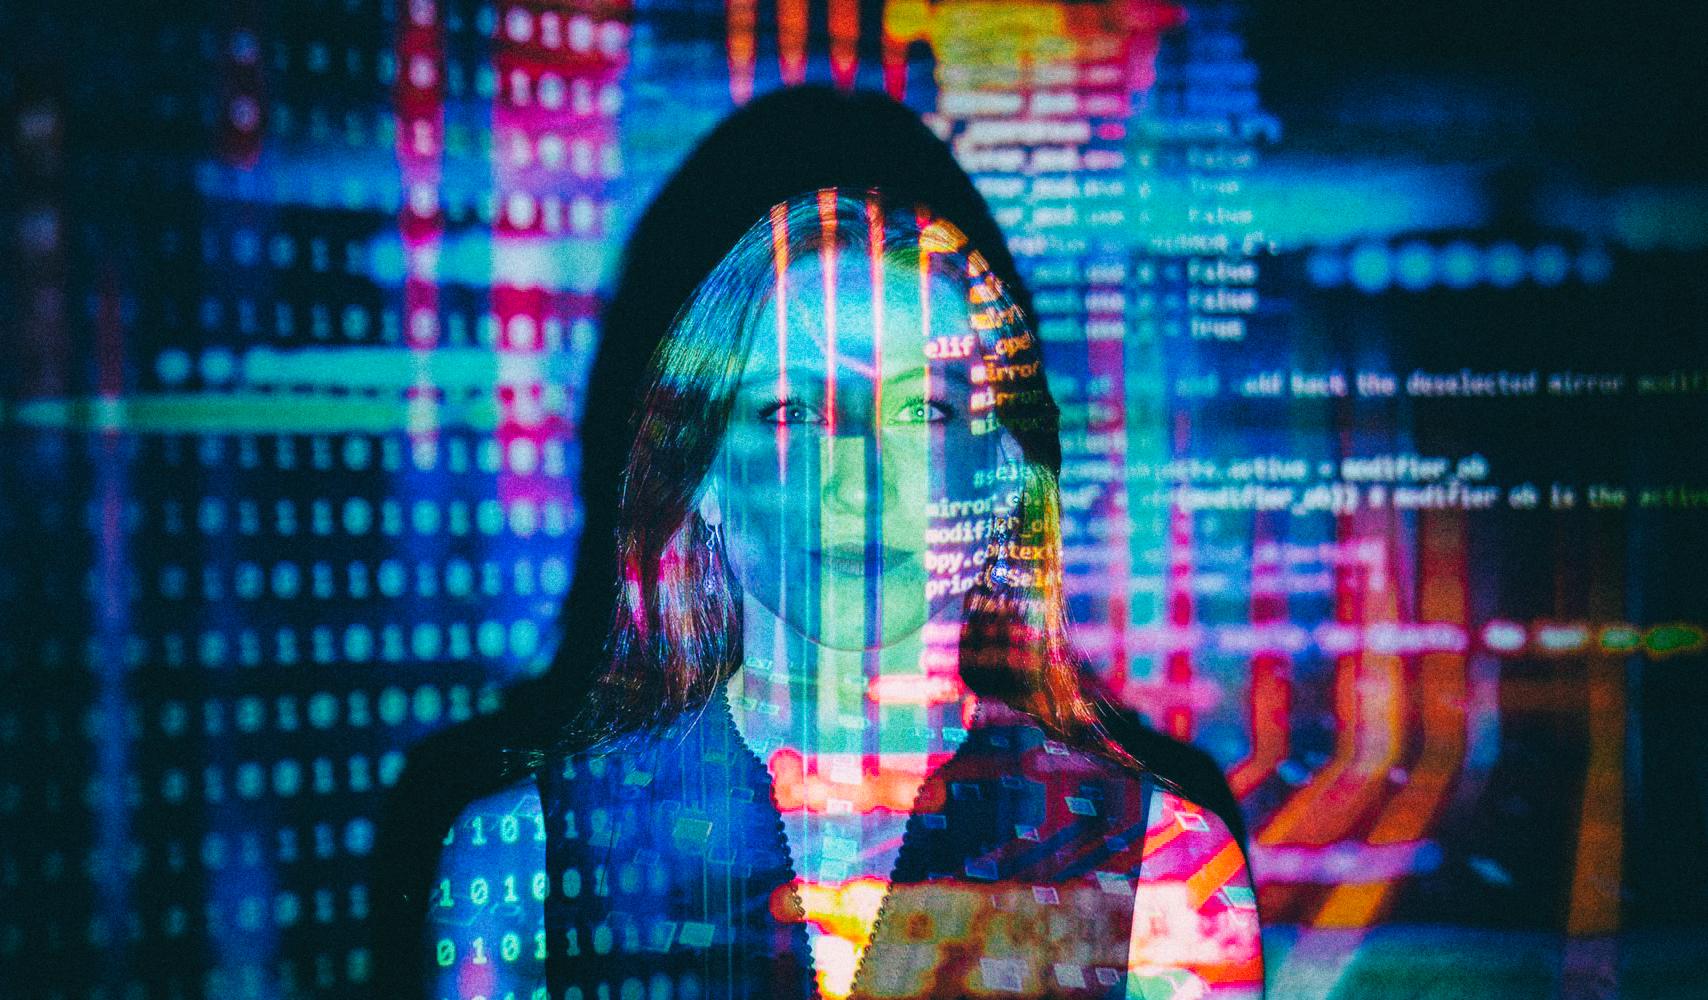 Уровень доверия к умным машинам зависит от отношений людей между собой